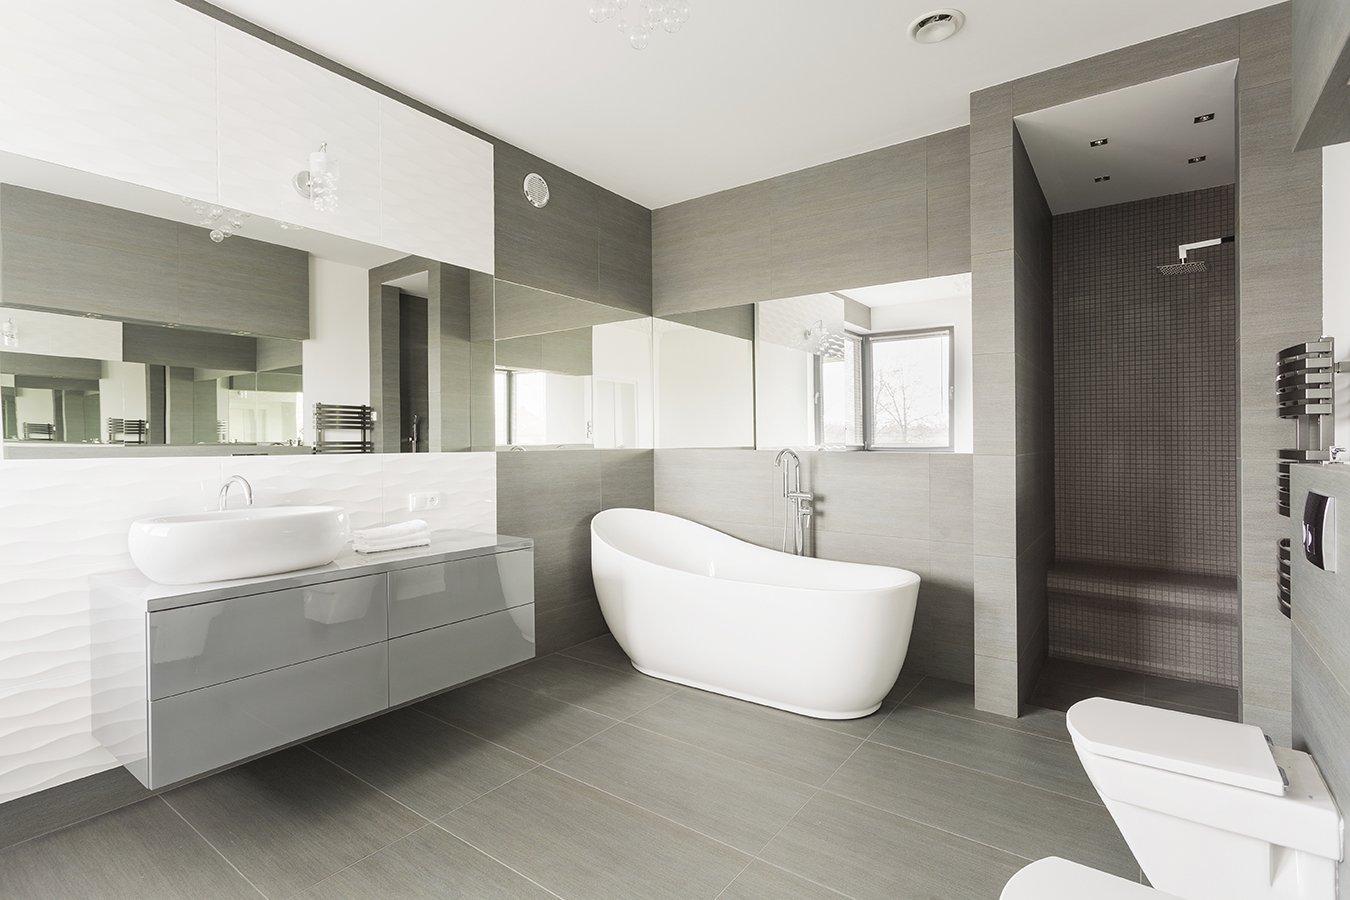 Balmoral Bathrooms